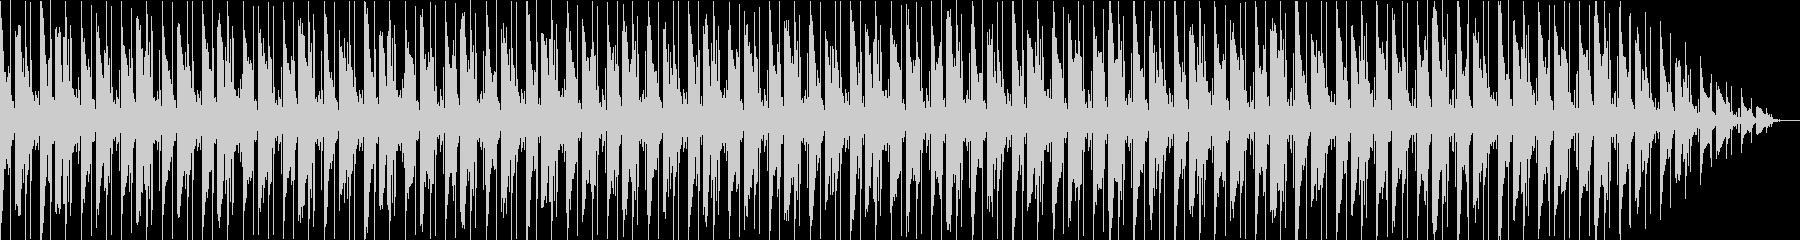 VP・CM 綺麗なディレイサウンドテクノの未再生の波形